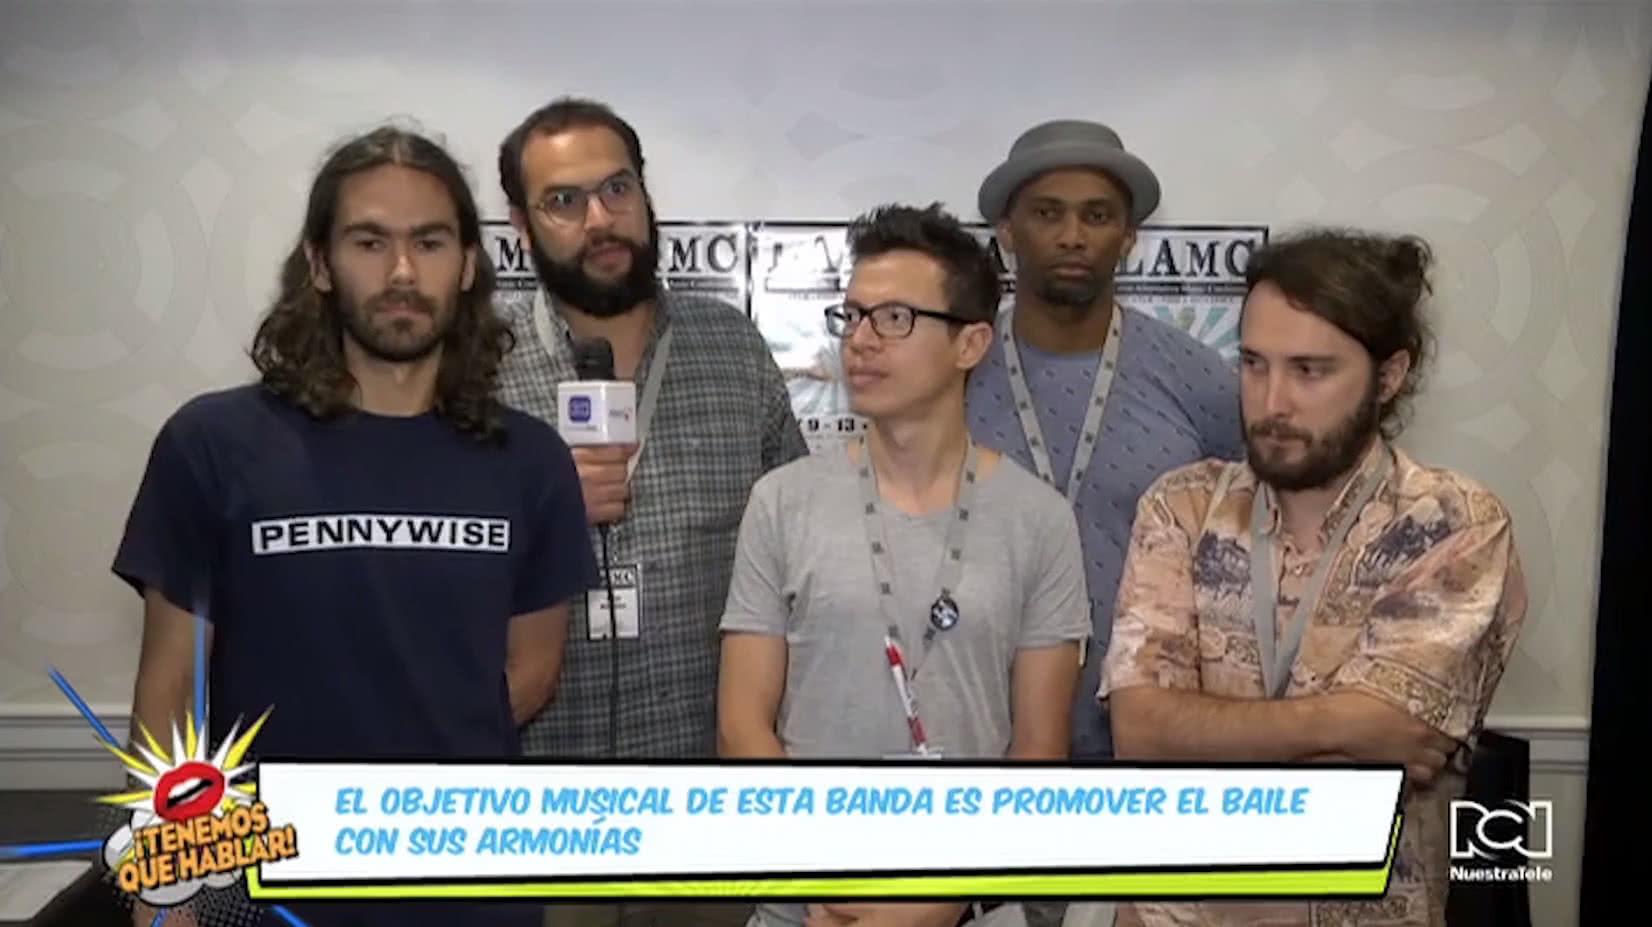 'Candeleros' puso la cuota de psicodelia en el showcase 'Sonidos de España' de LAMC